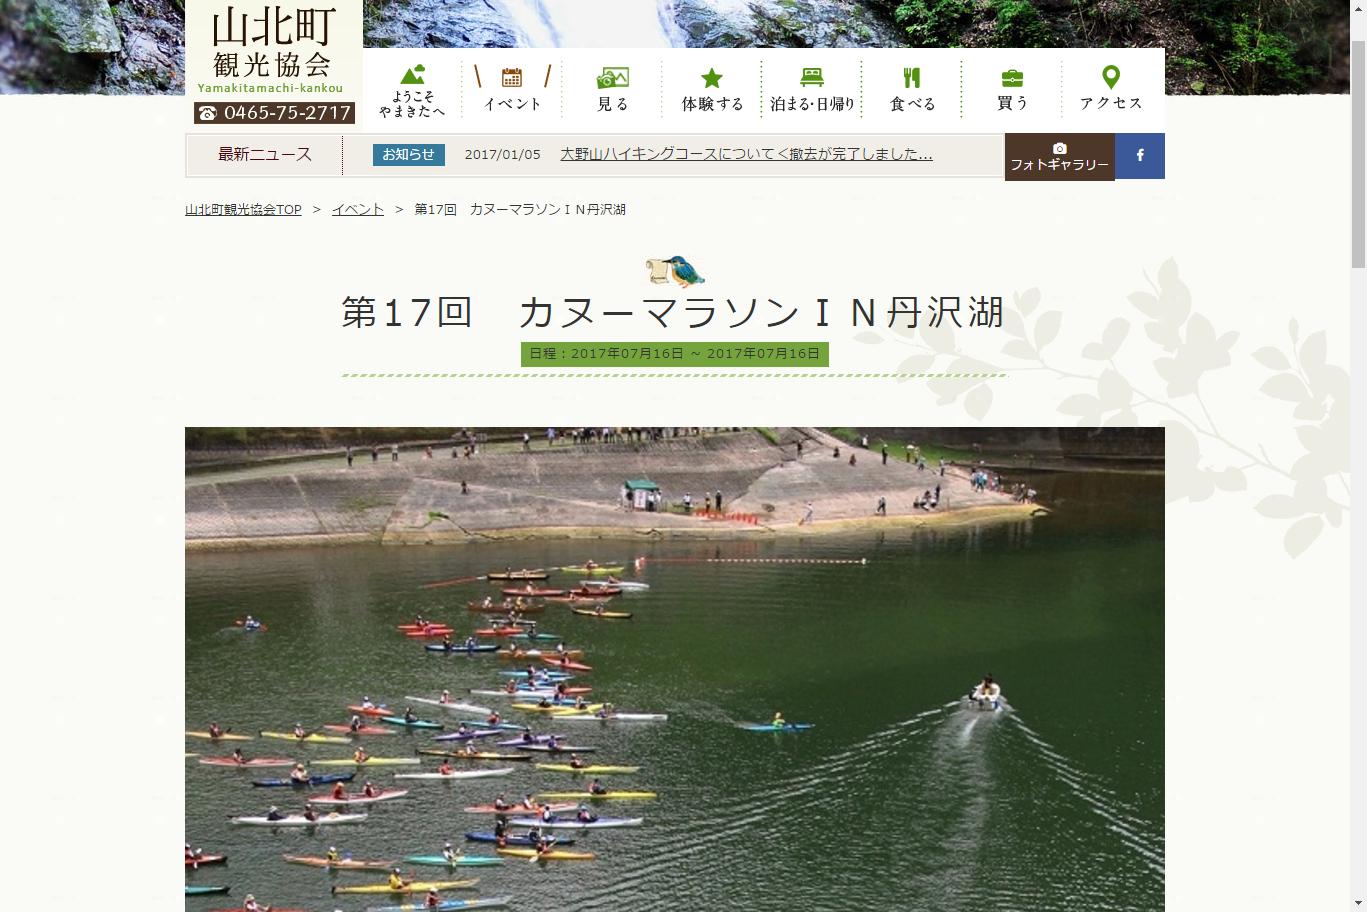 第17回カヌーマラソンIN丹沢湖の告知画像